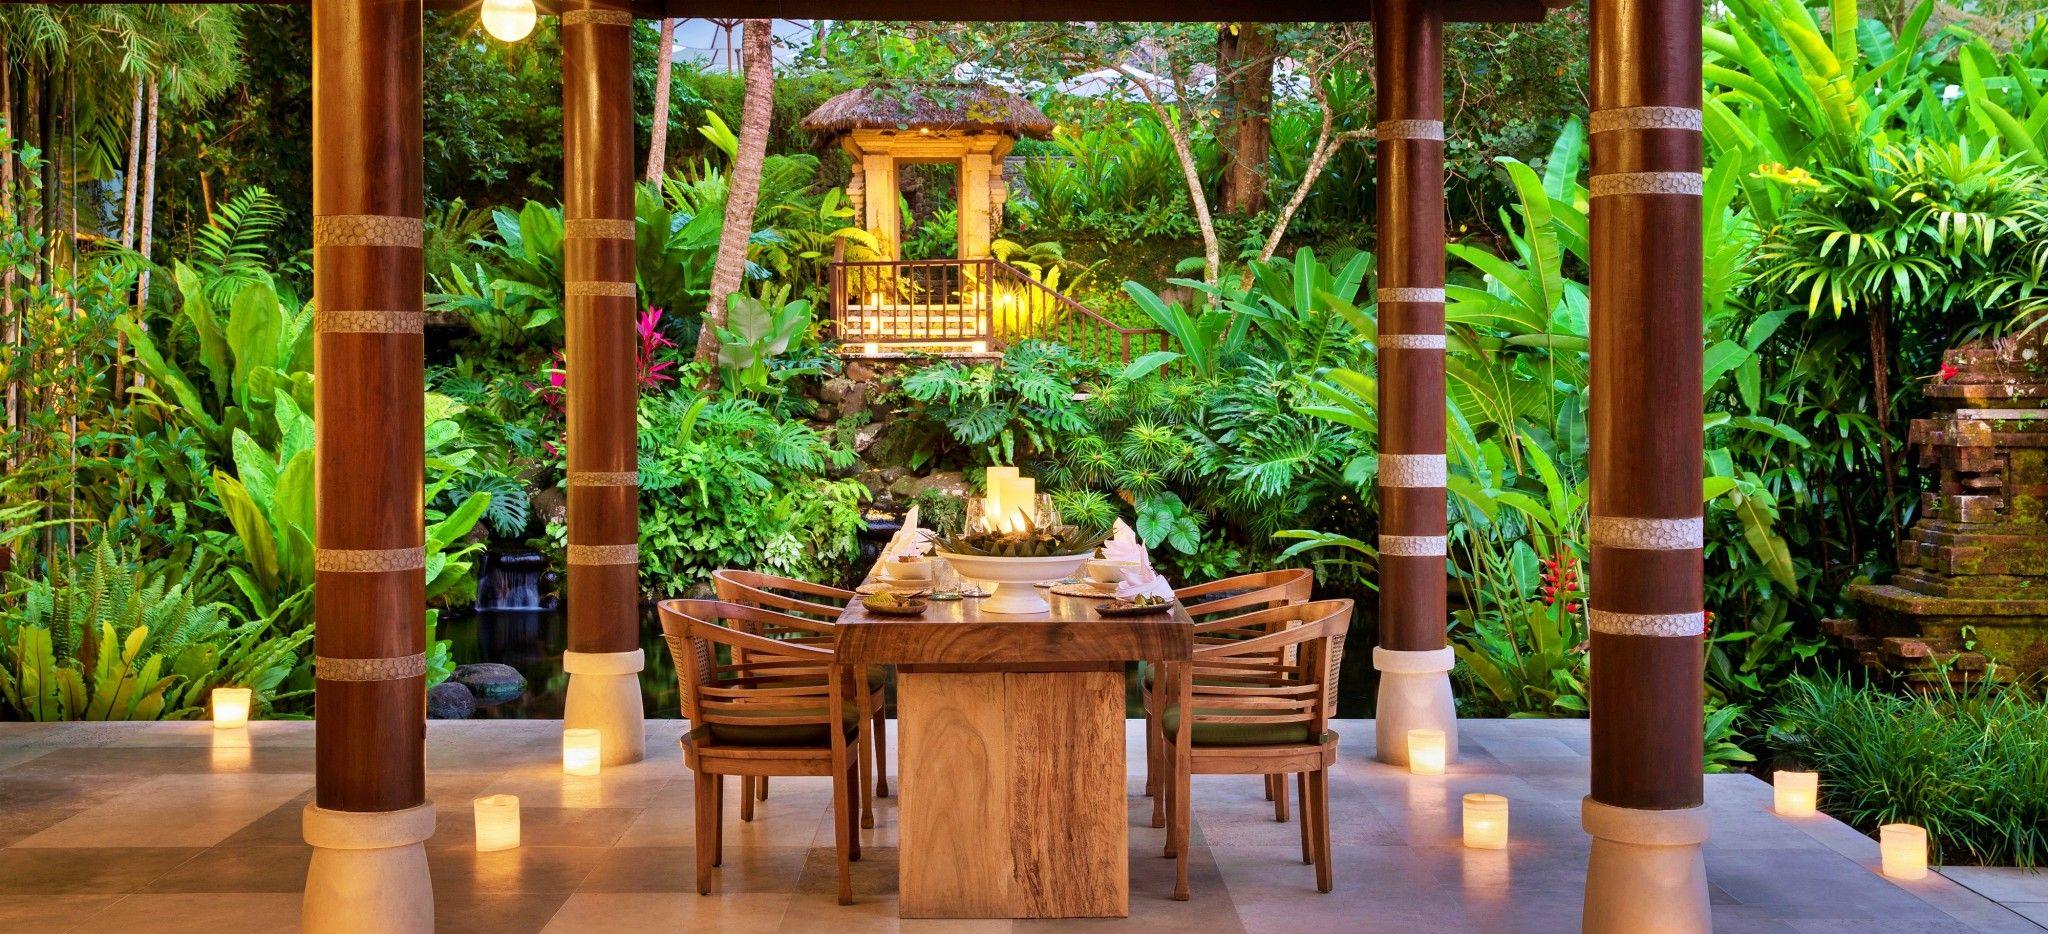 Ein einzelner Esstisch gedeckt für zwei, zwischen großen Säulen mit direktem Blick auf den balinesischen Dschungel